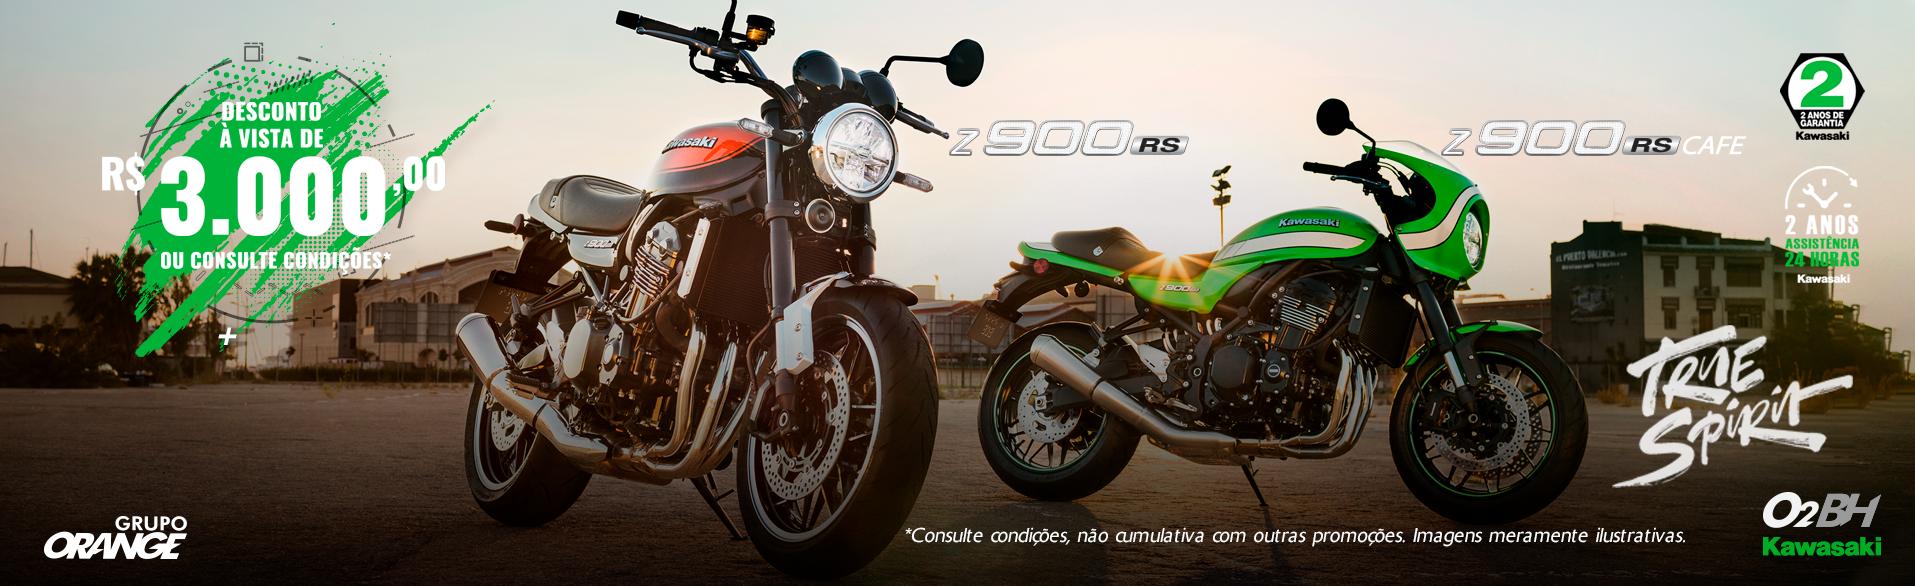 Z900 RS E Z900 RS CAFÉ DESCONTO DE R$3.000,00